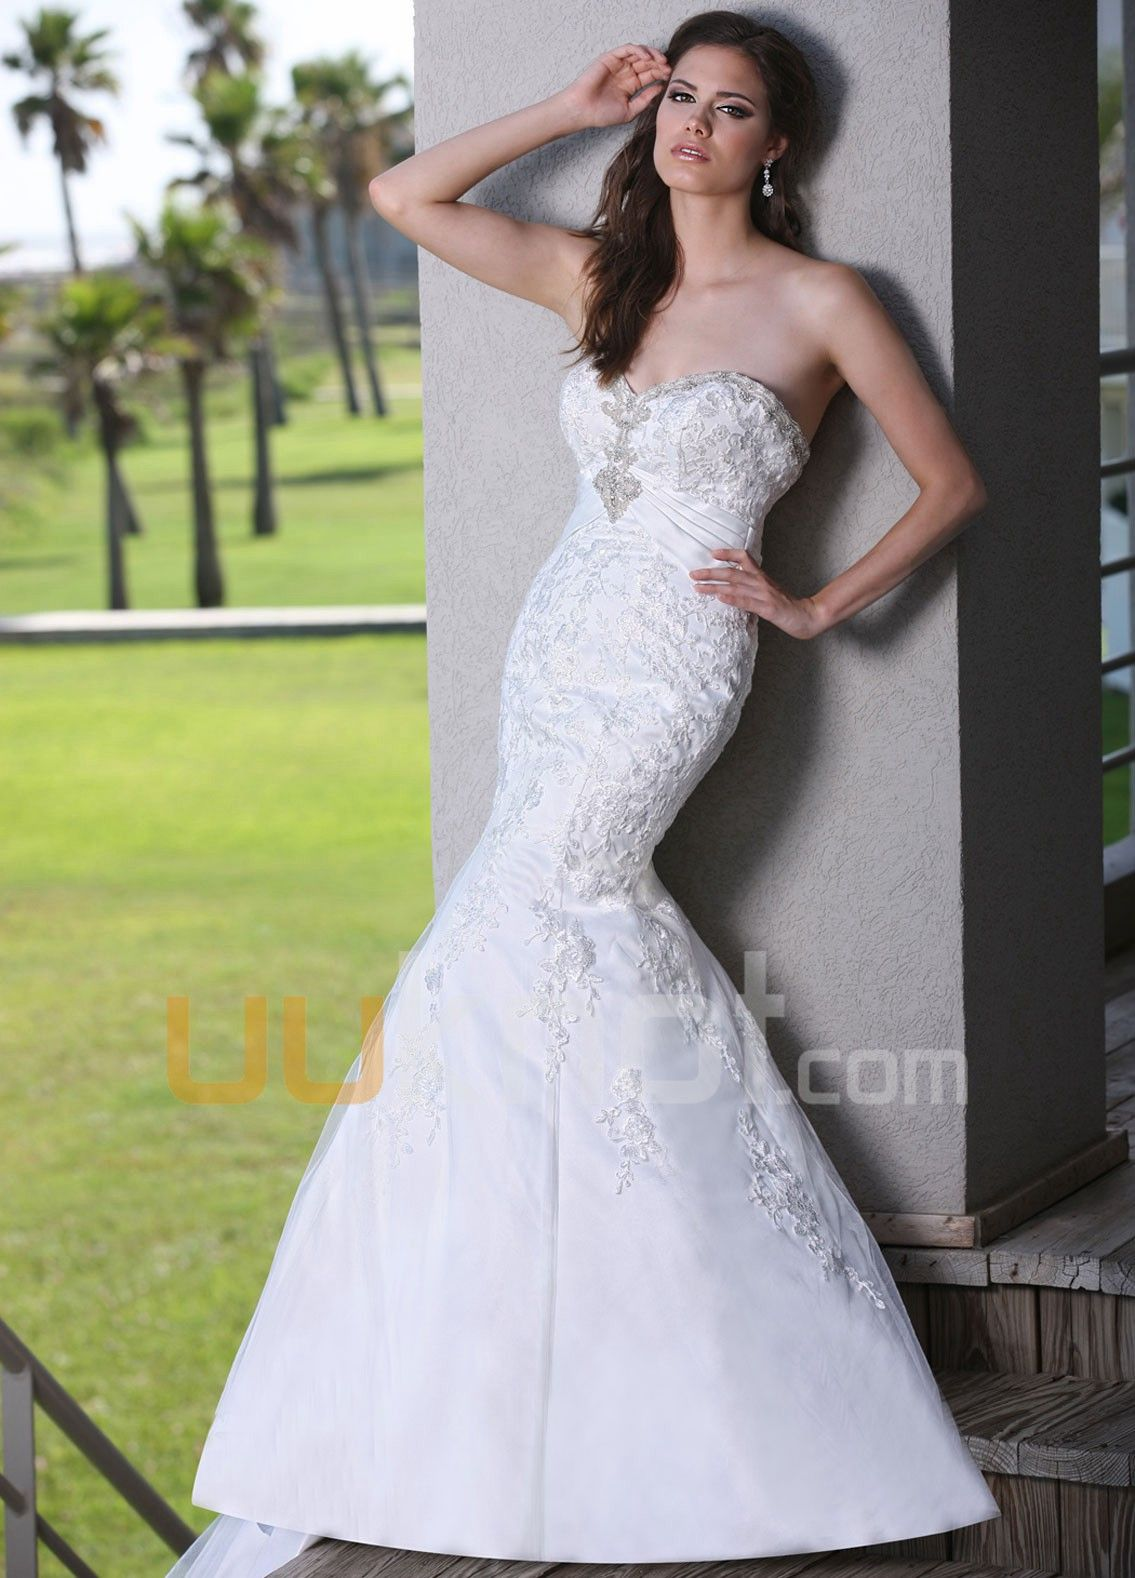 havfrue kjæreste feie tog tyll blonder brudekjole - UUknot.com